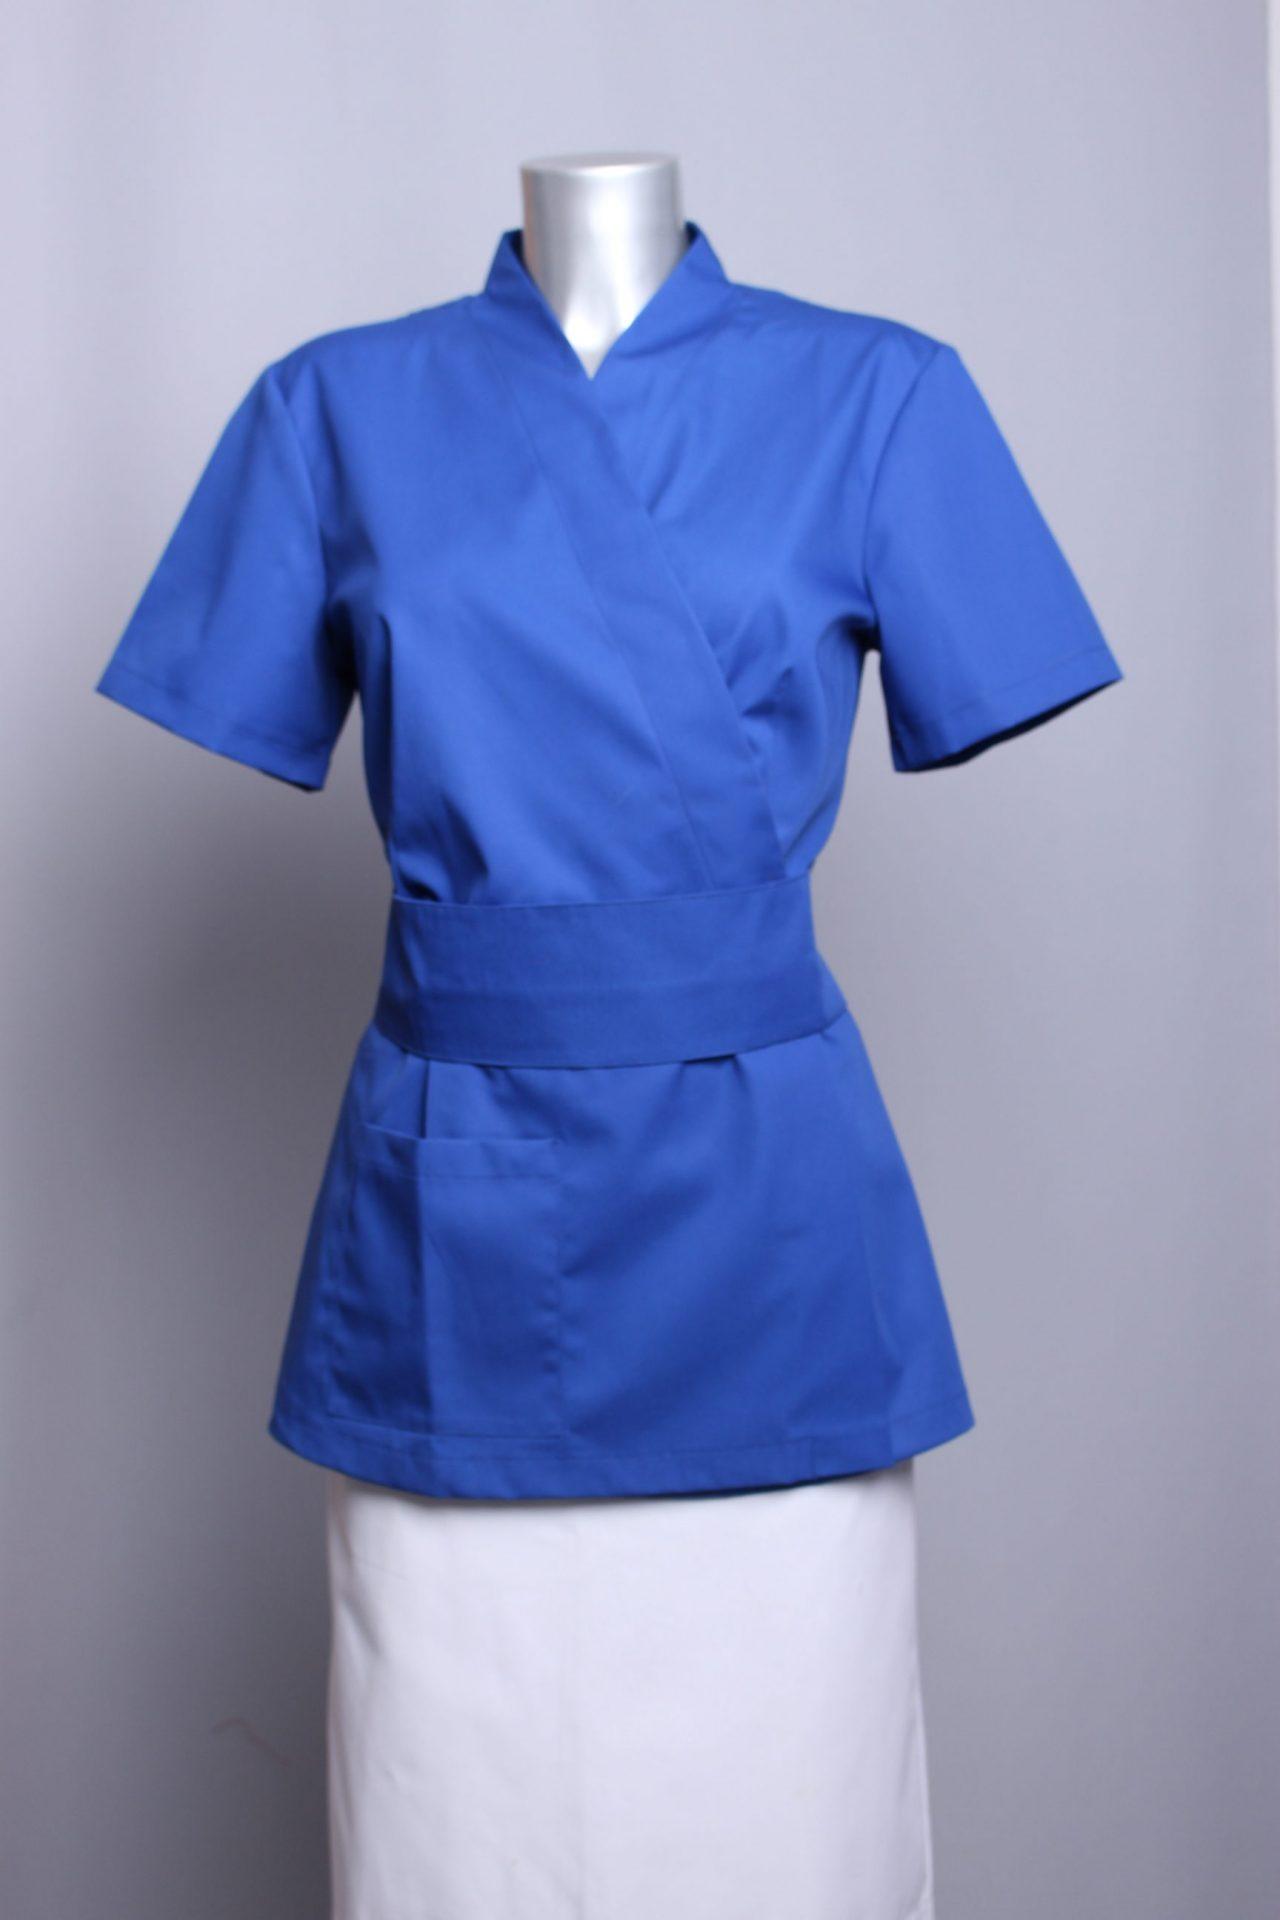 ženske kute, liječničke kute, kute za medicinske sestre,ženska radna odjeća, medicinske kute